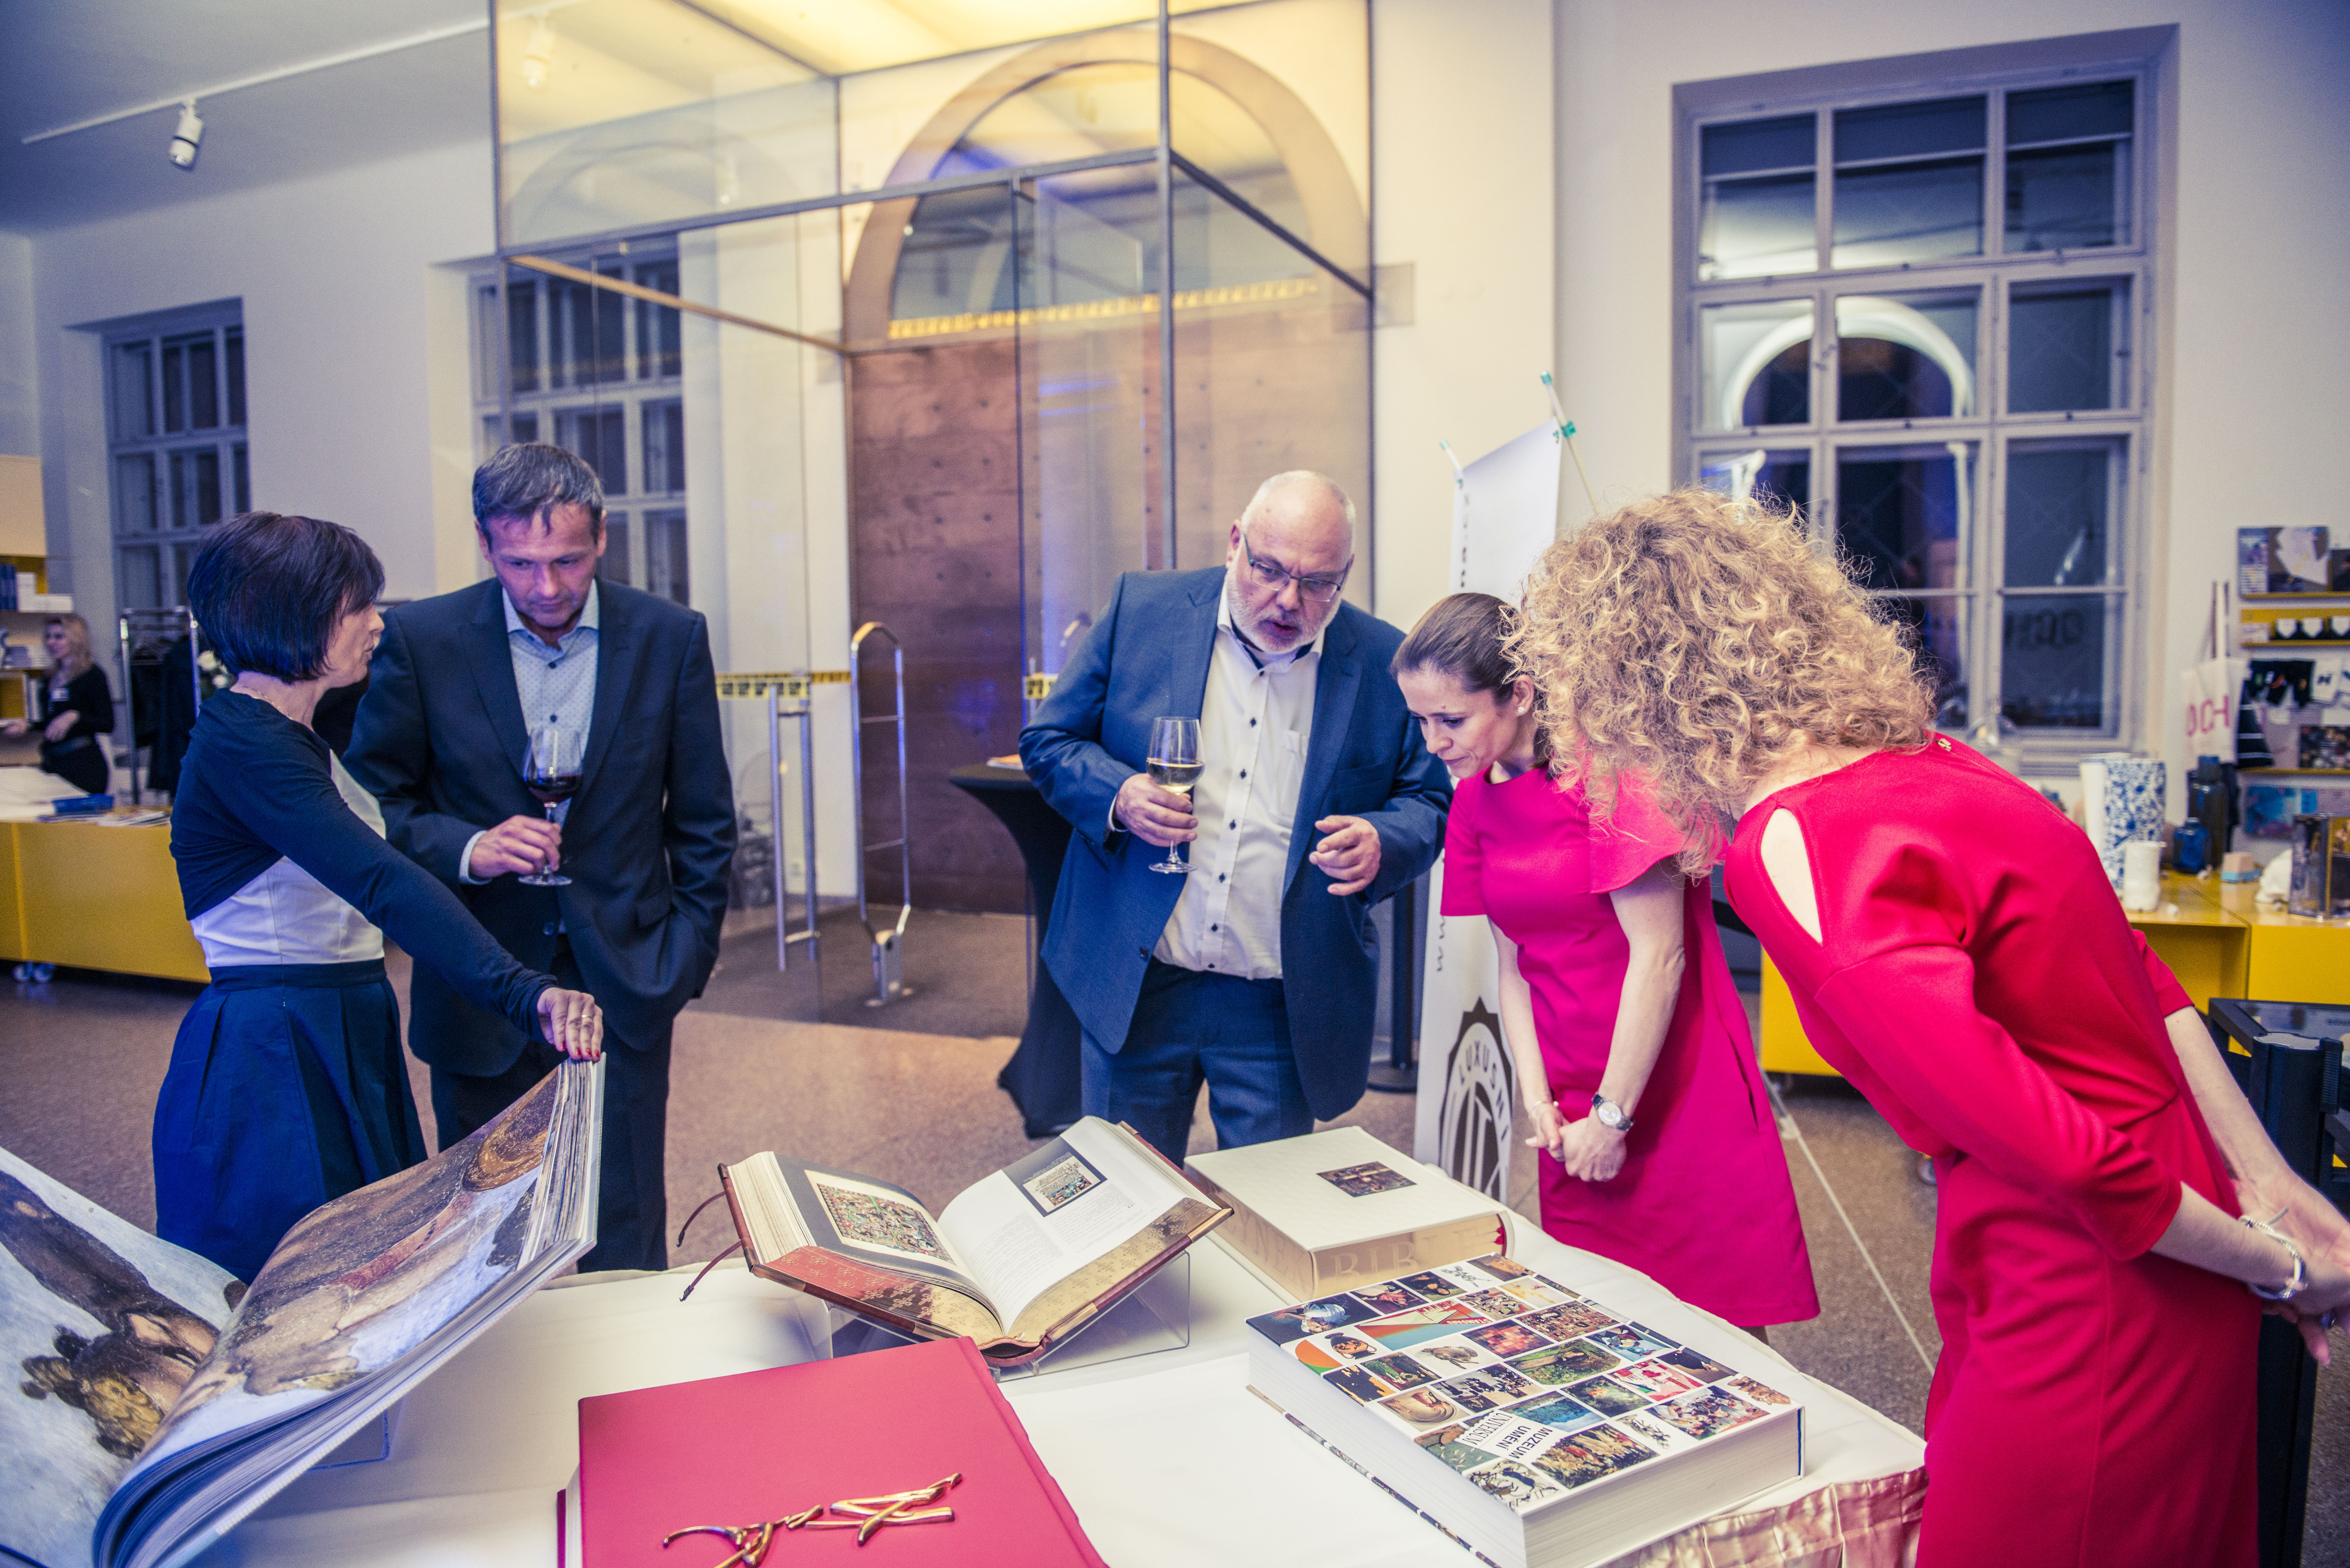 Během večera byl představen projekt Luxusní knihovna s nabídkou unikátních sběratelských knih.